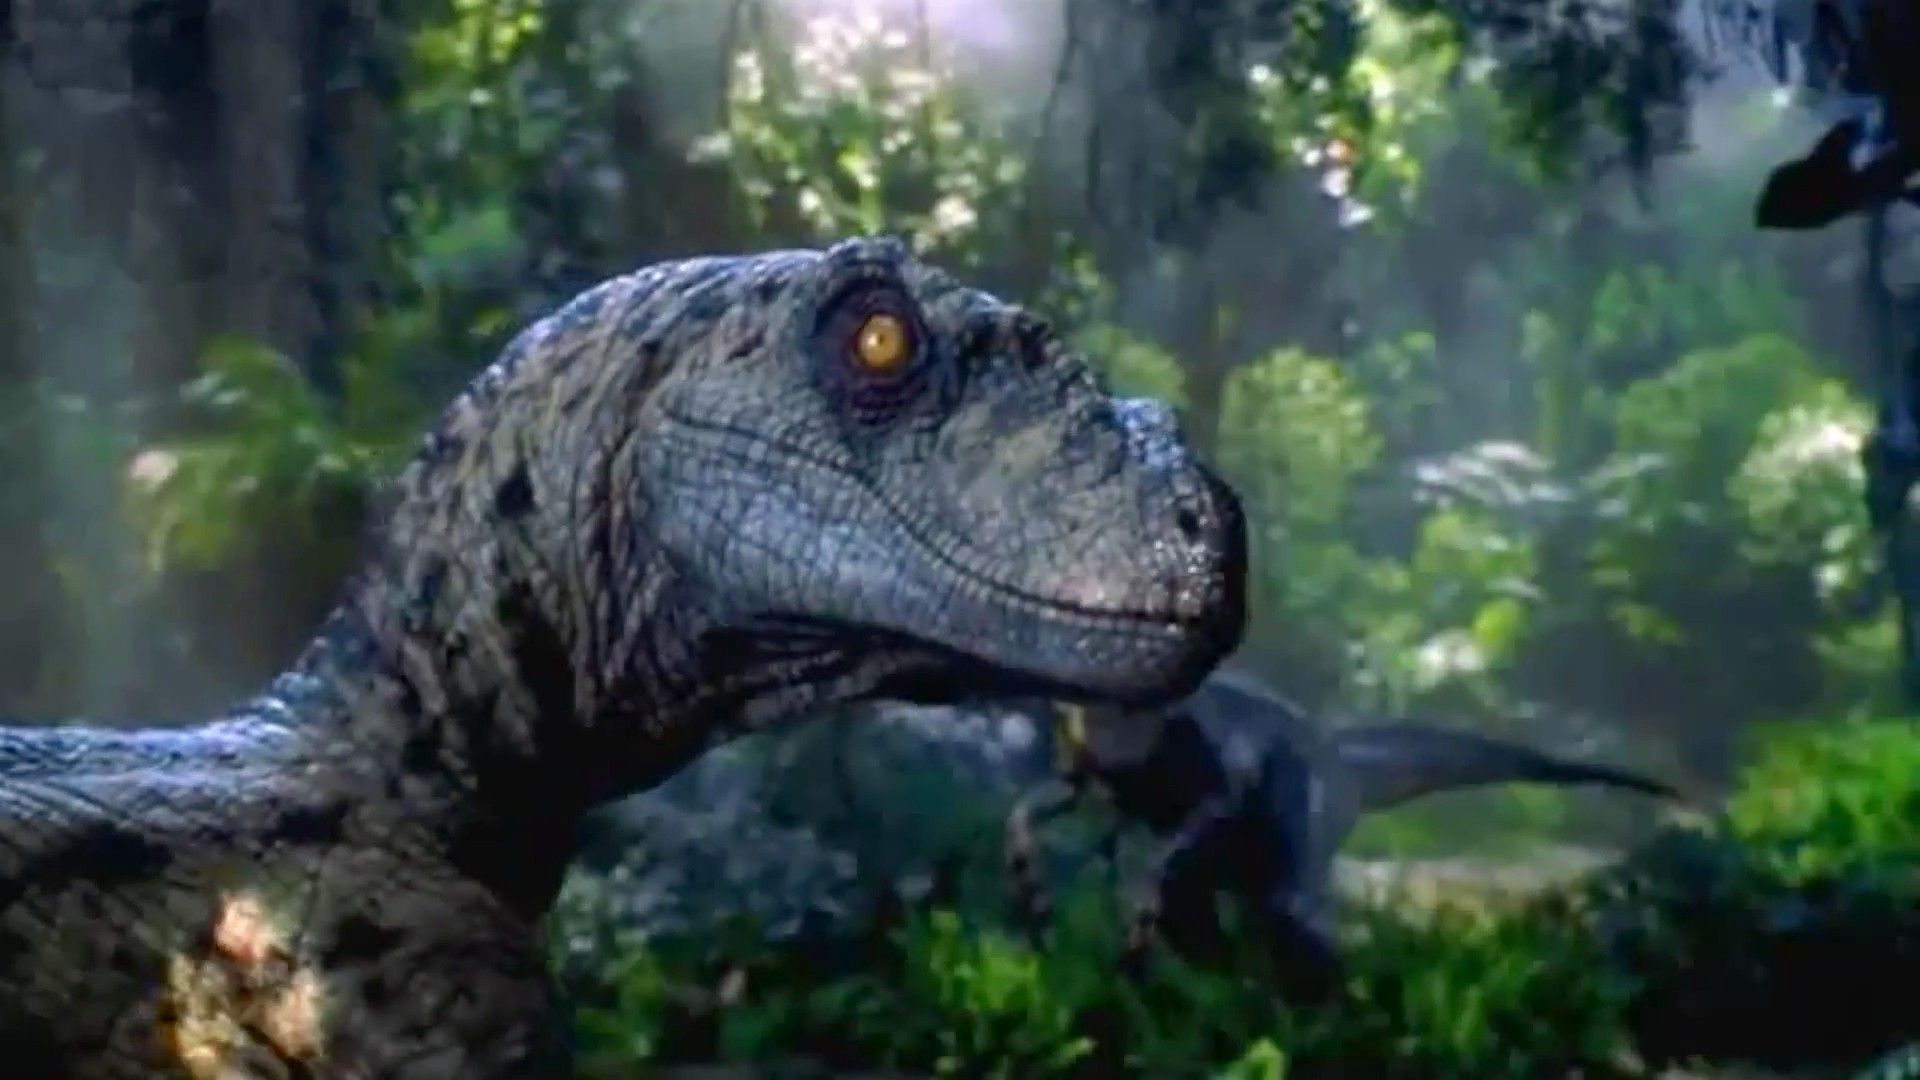 Jurassic Park Spinosaurus Wallpaper 1024x768 3 Wallpapers 48